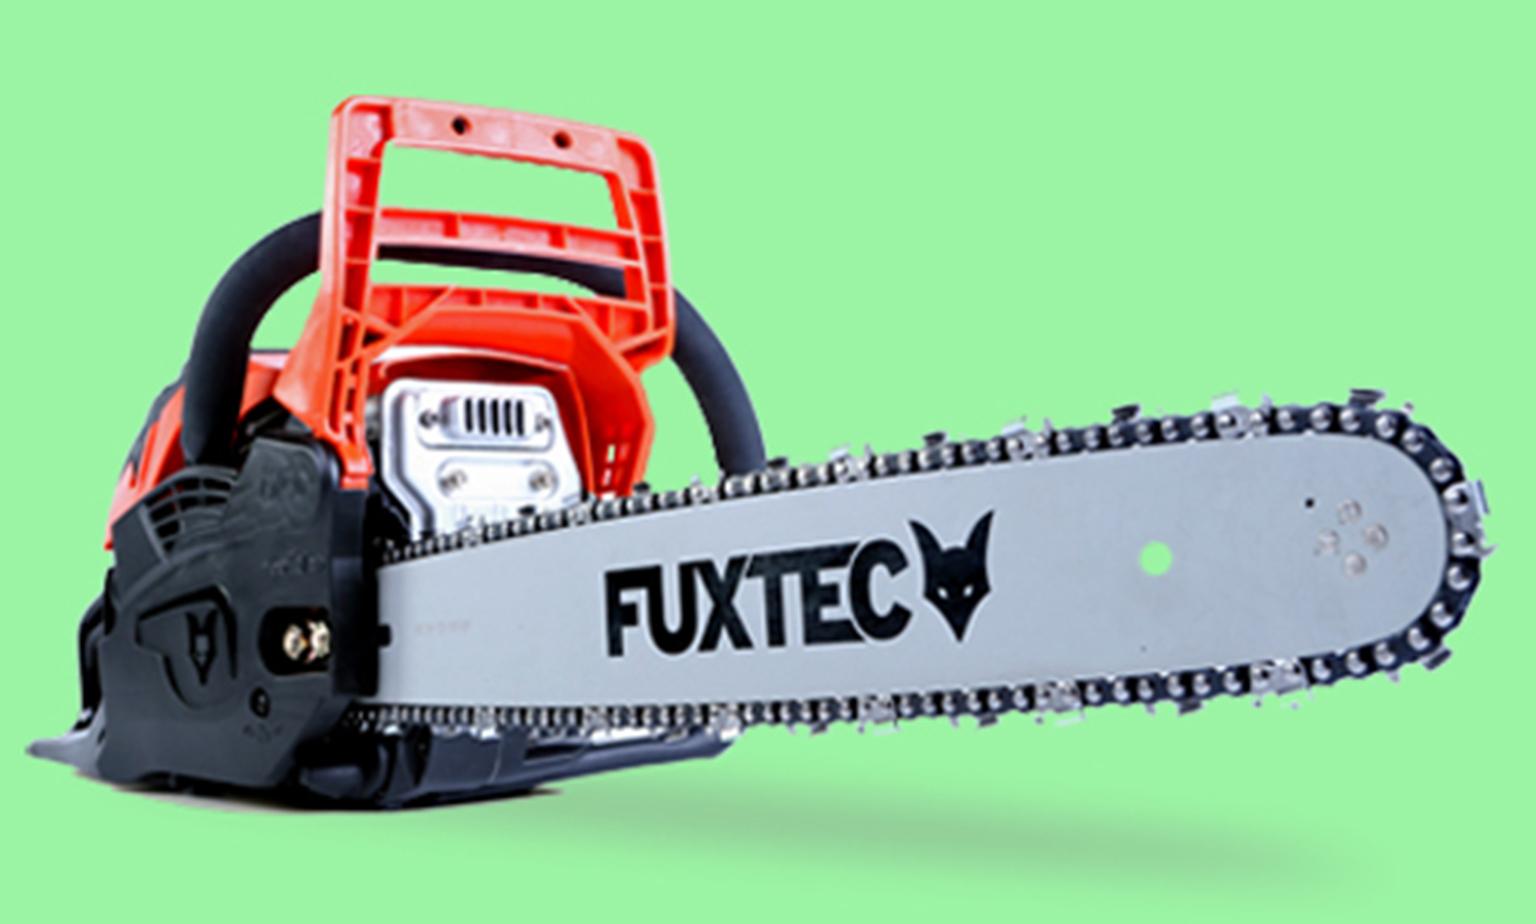 Jetzt zusätzlich 10% auf FUXTEC sichern